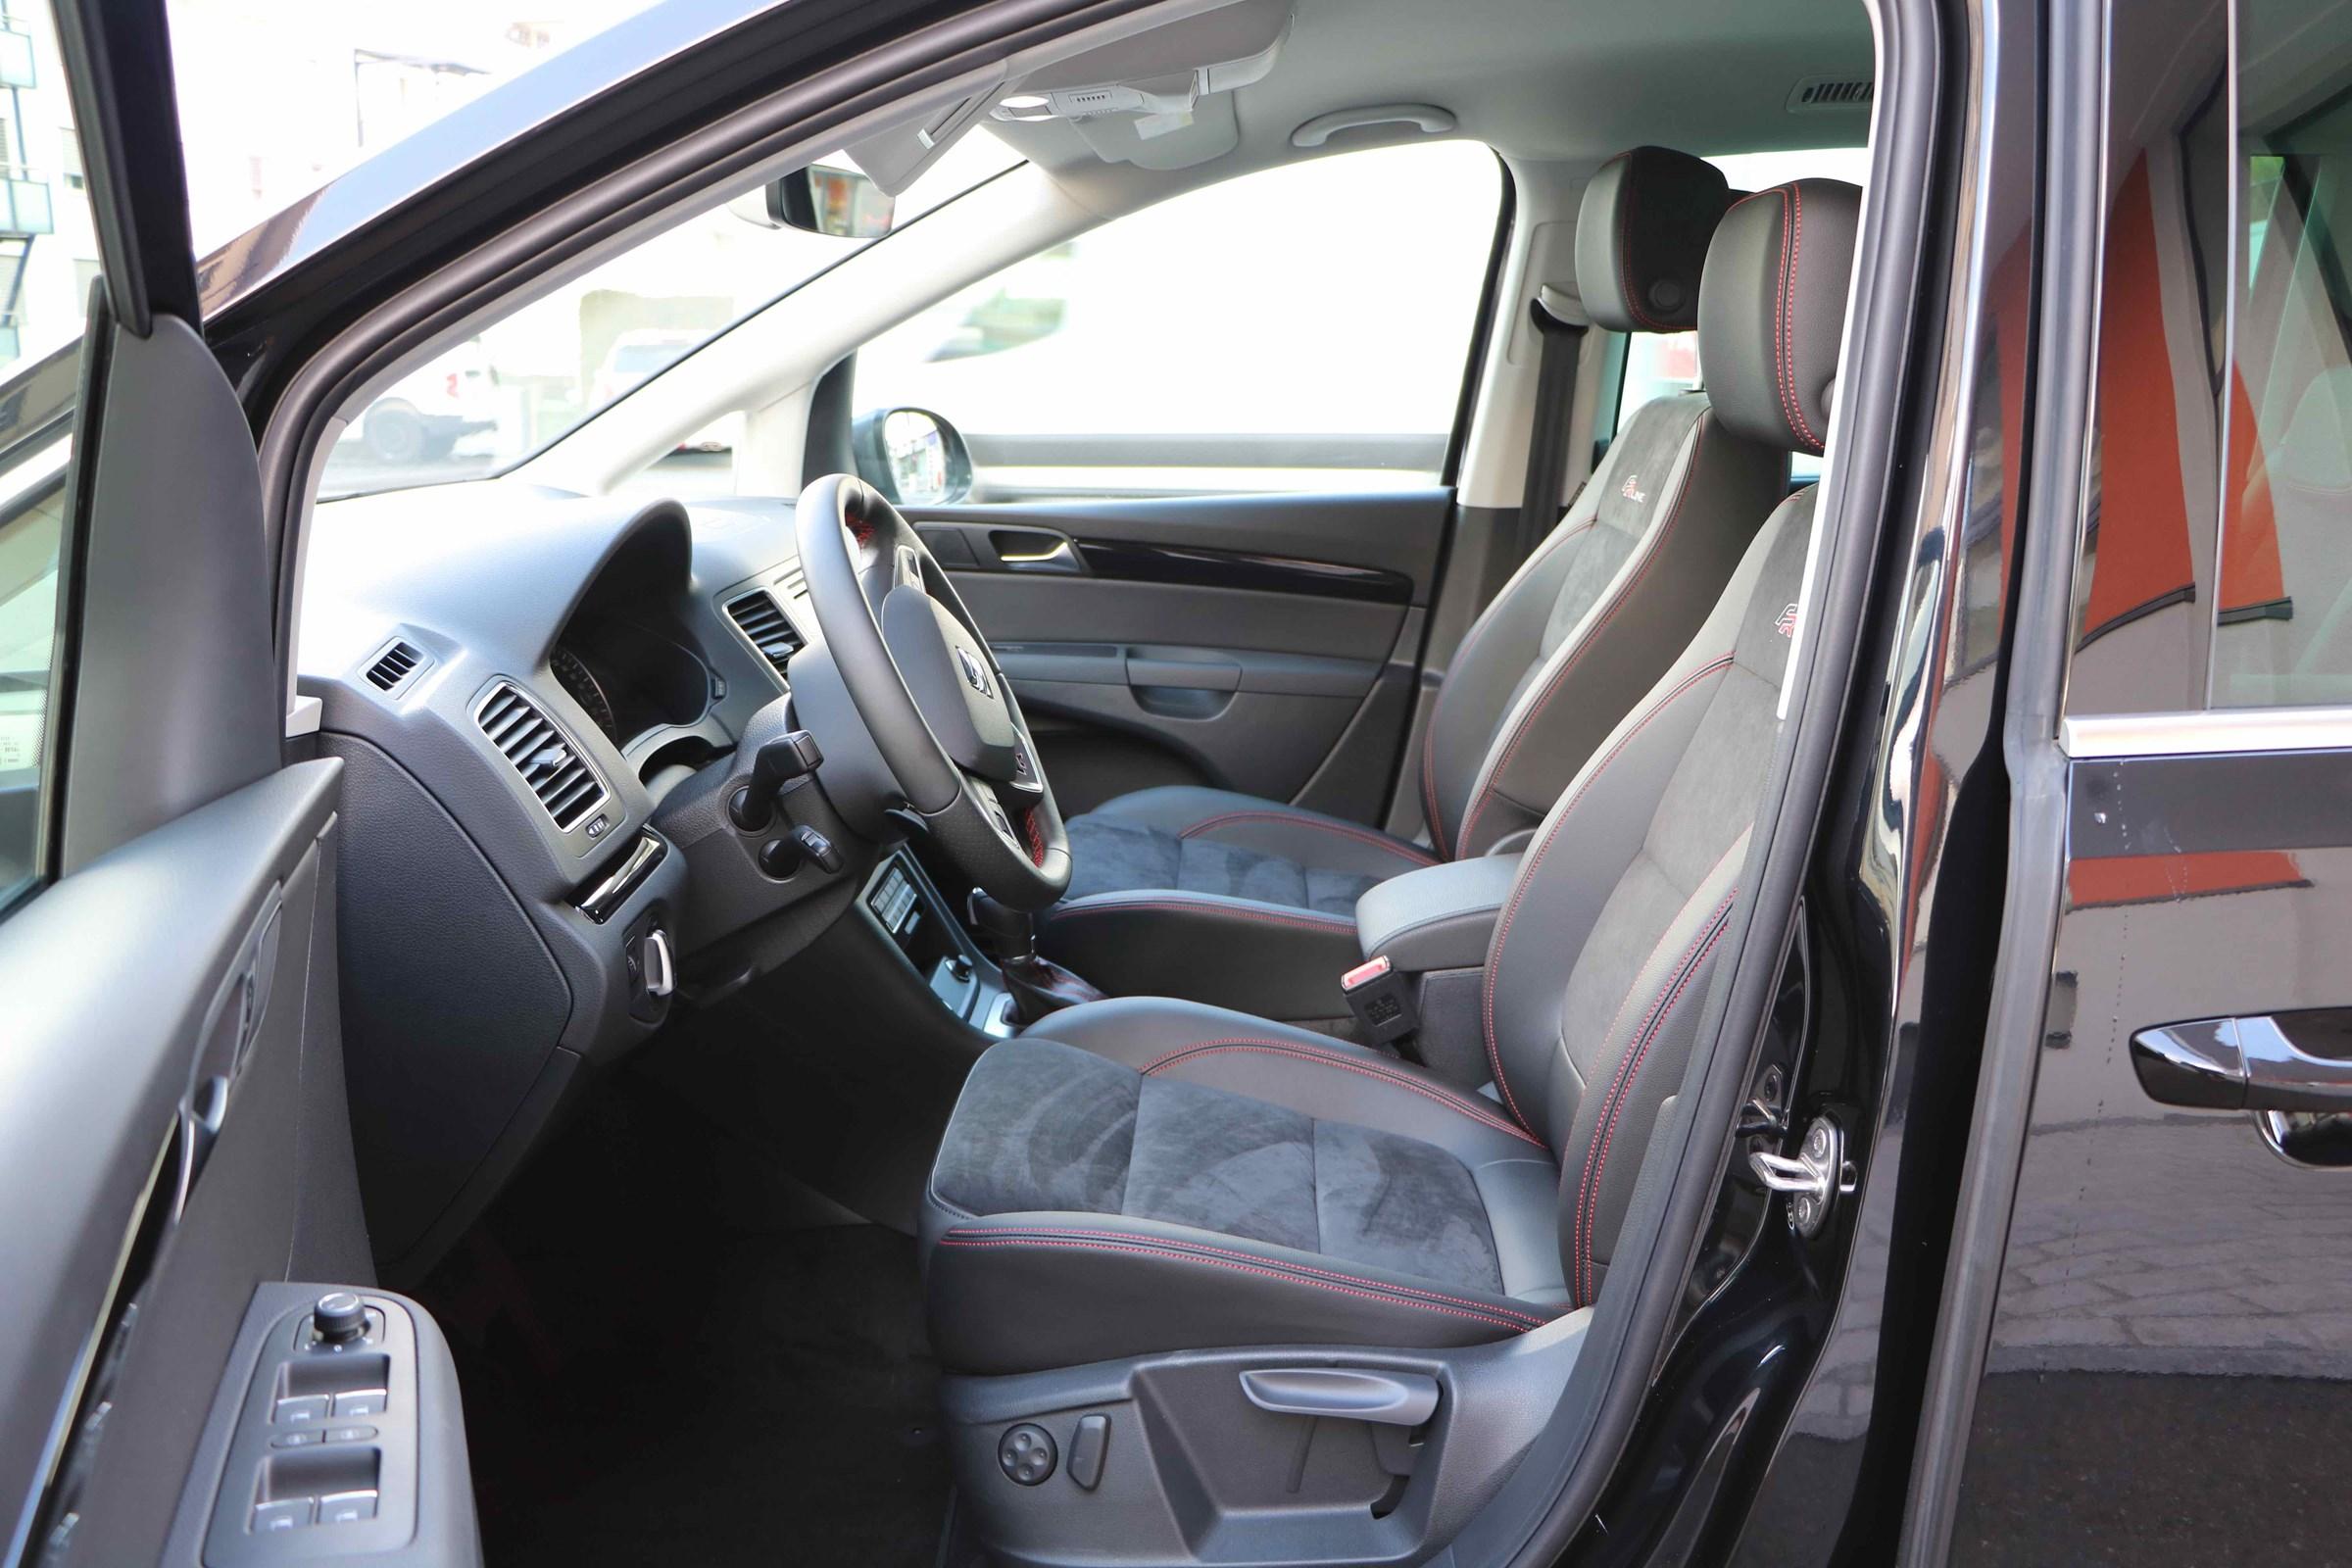 SEAT Alhambra 2.0TDI voll